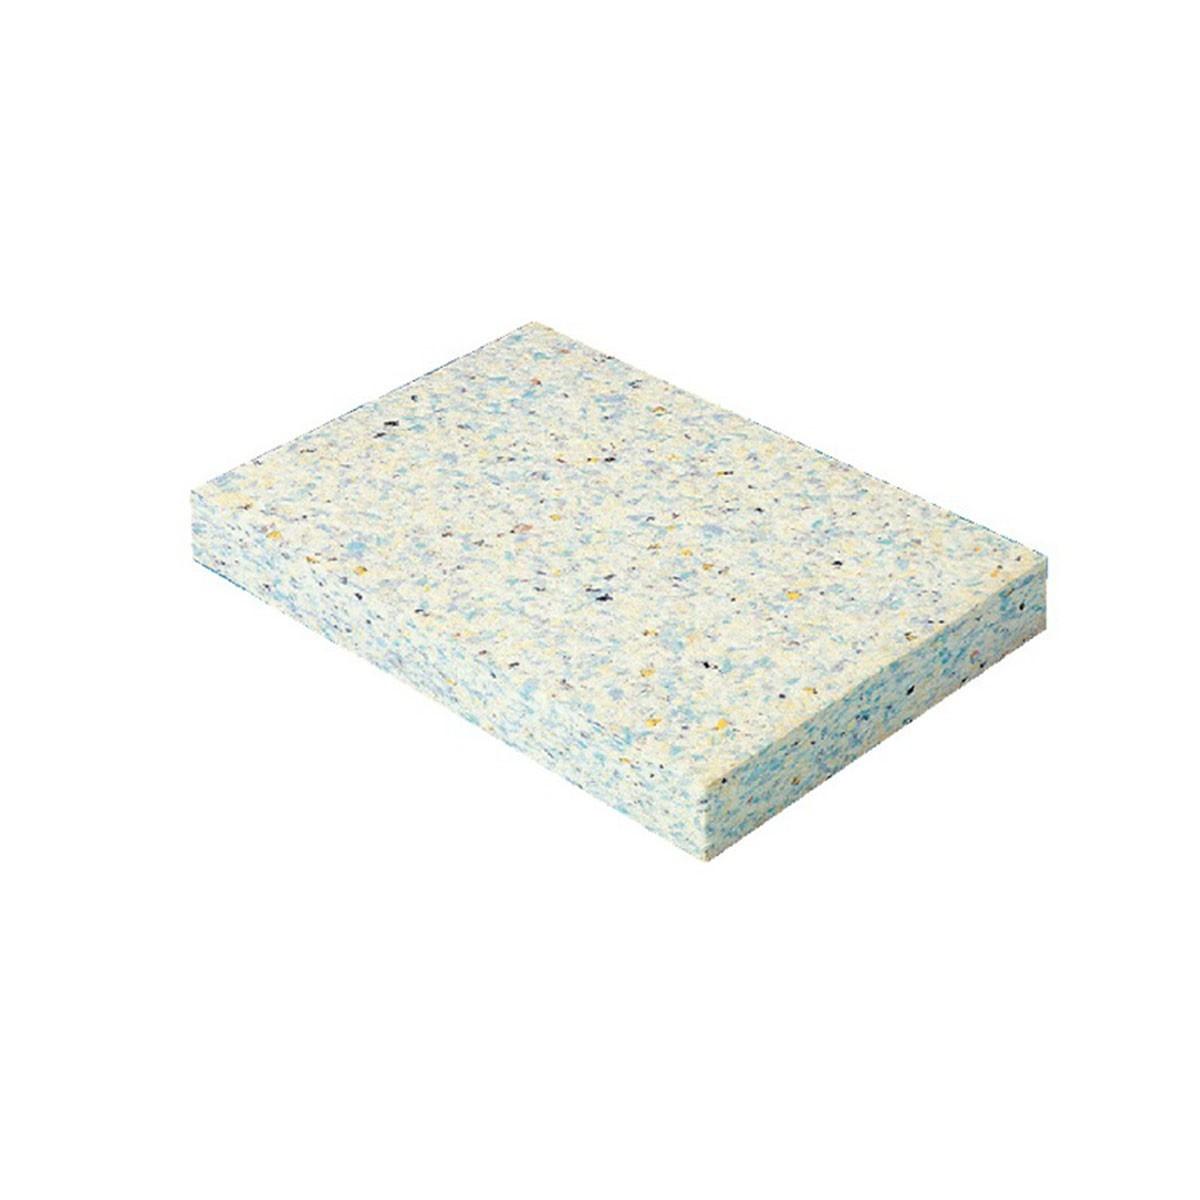 Tapis sans doublure 200x100x2 cm densit 250 - Tapis mousse sans formamide ...